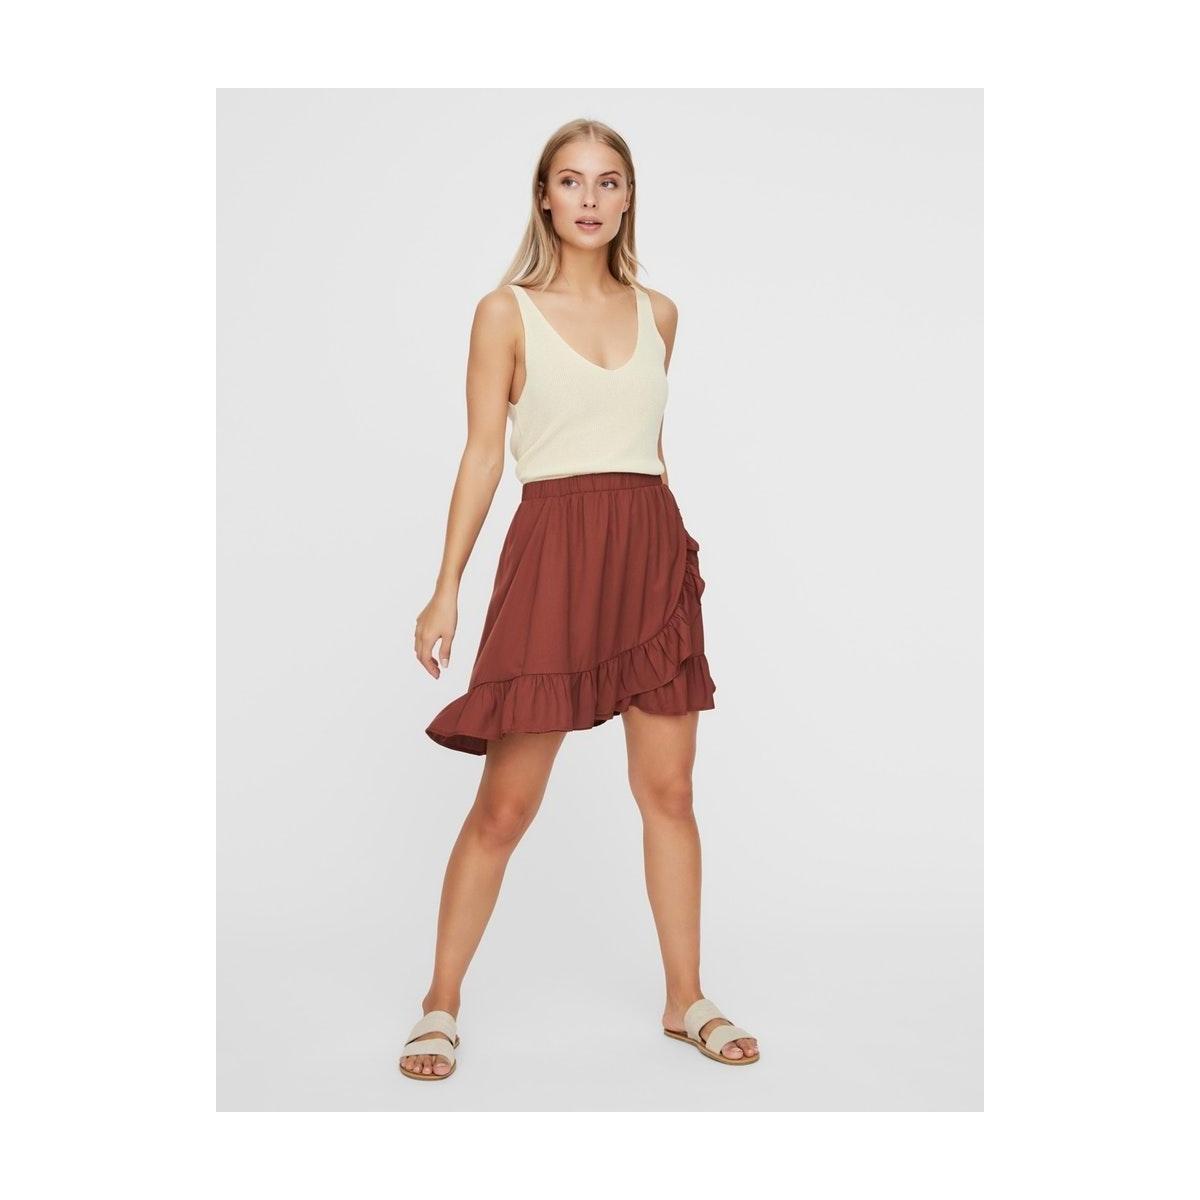 vmodette hw short wrap skirt ga 10230448 vero moda rok sable